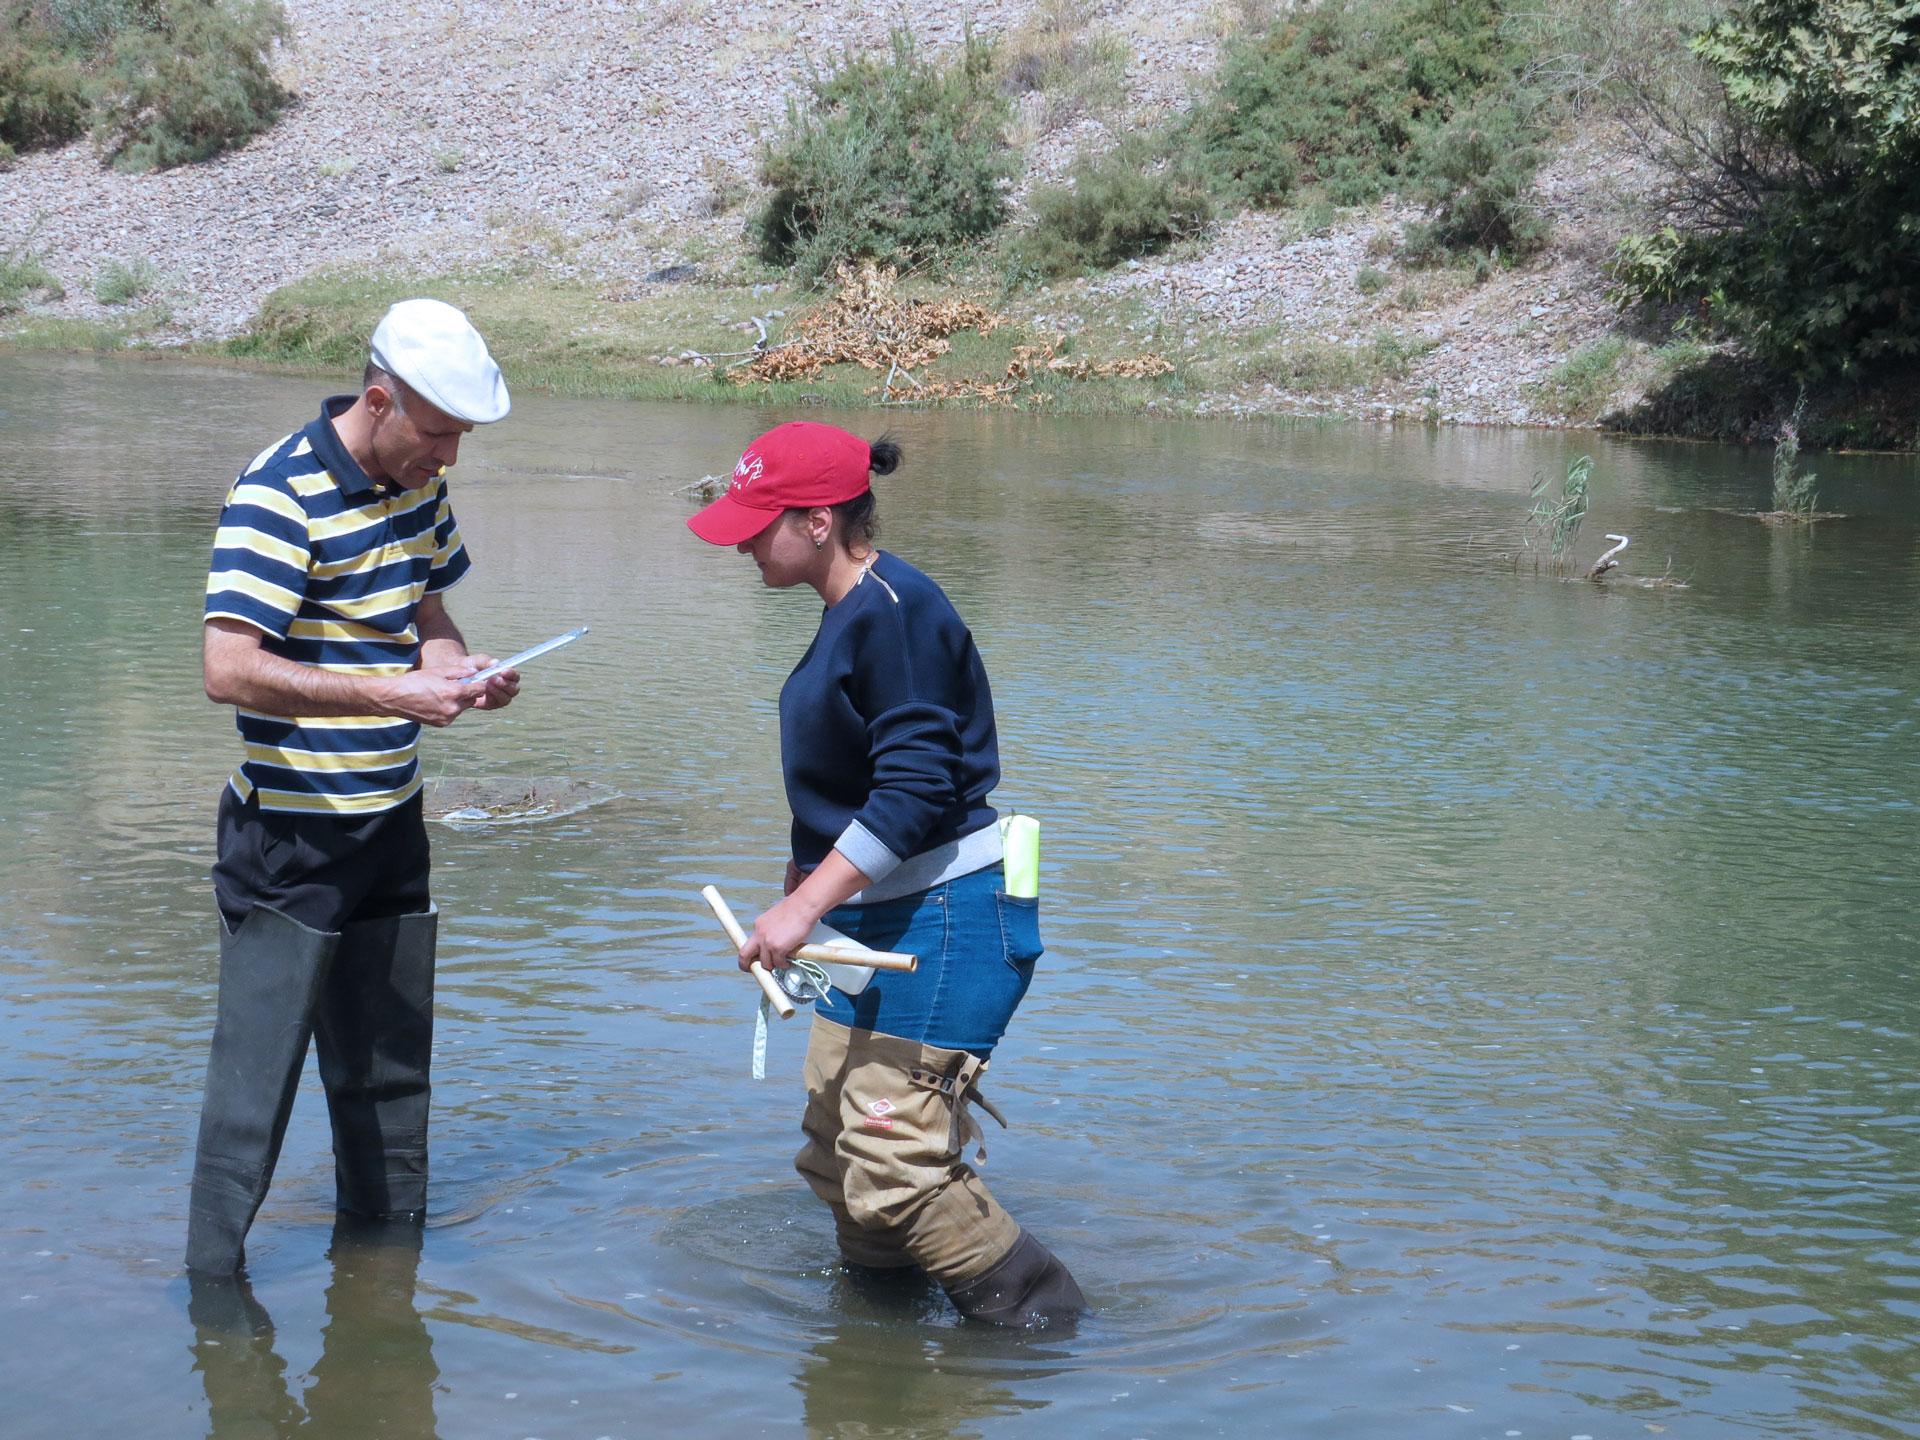 Cеминар по качеству воды прошел в Ташкенте